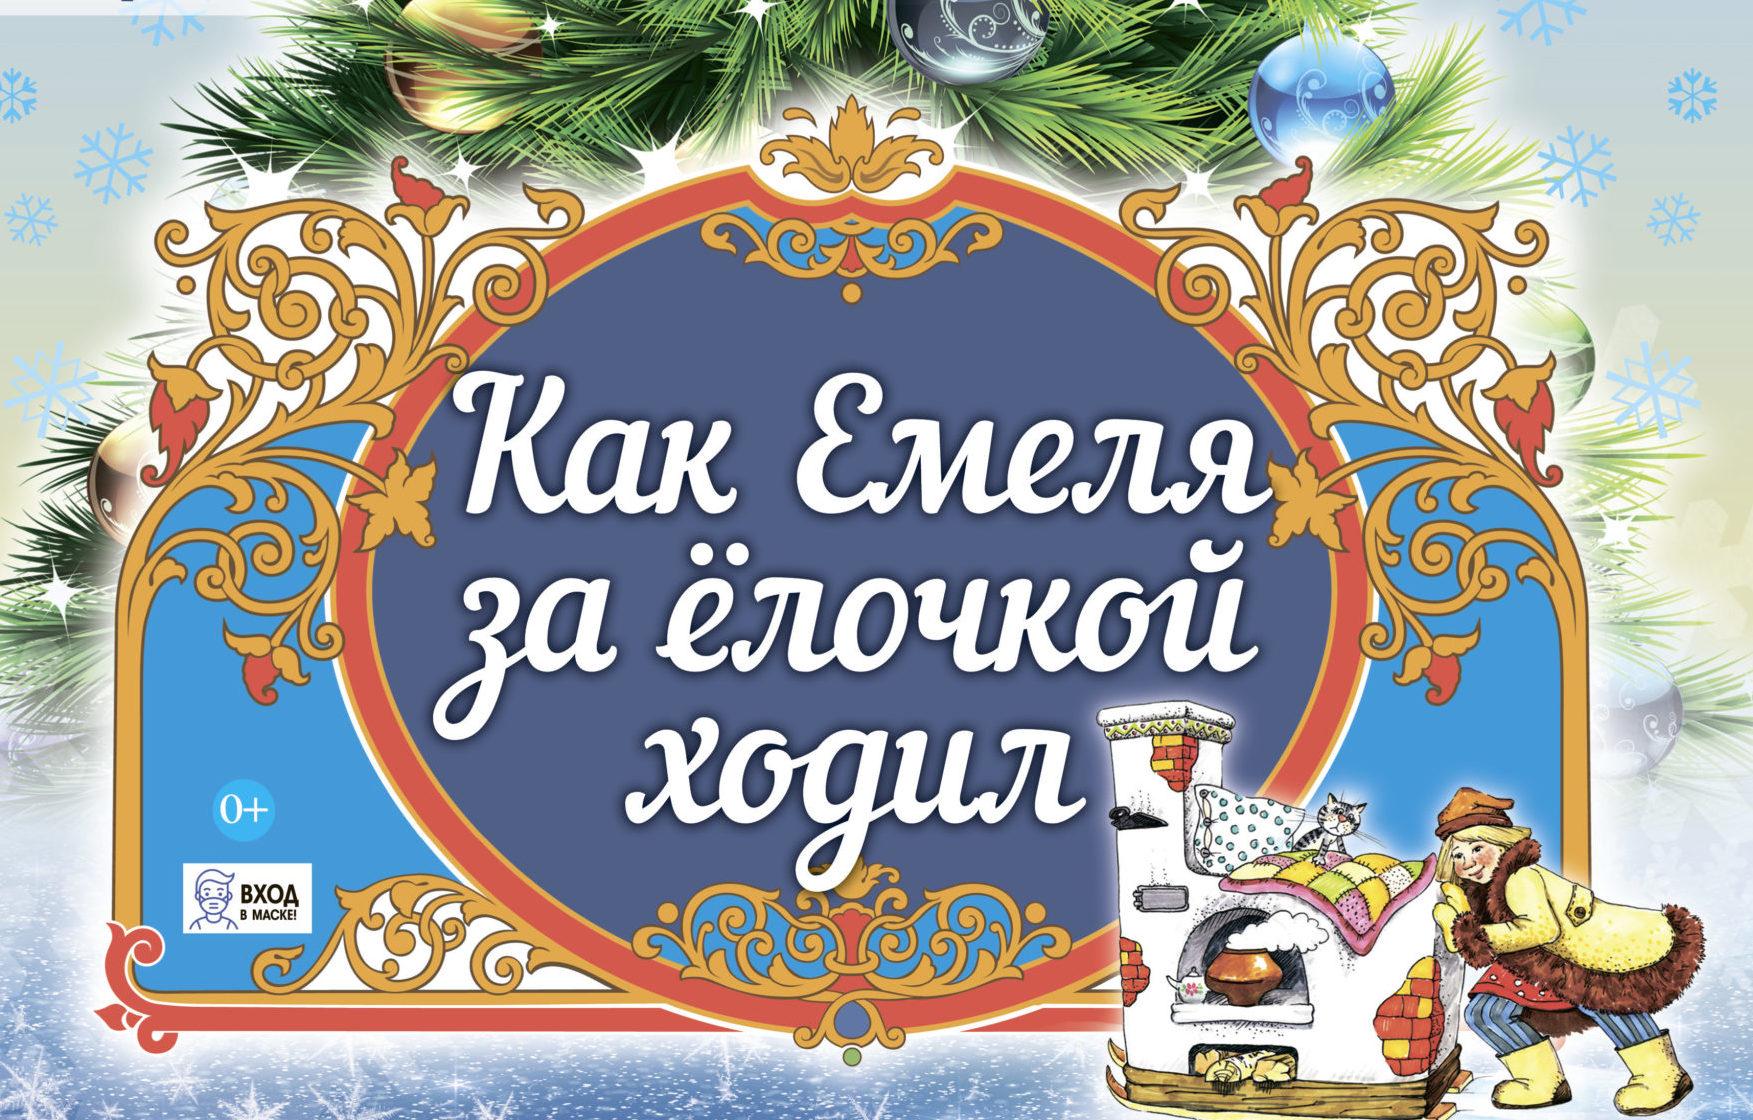 Зрители Тверской филармонии отправятся в путешествие за ёлочкой вместе с Емелей